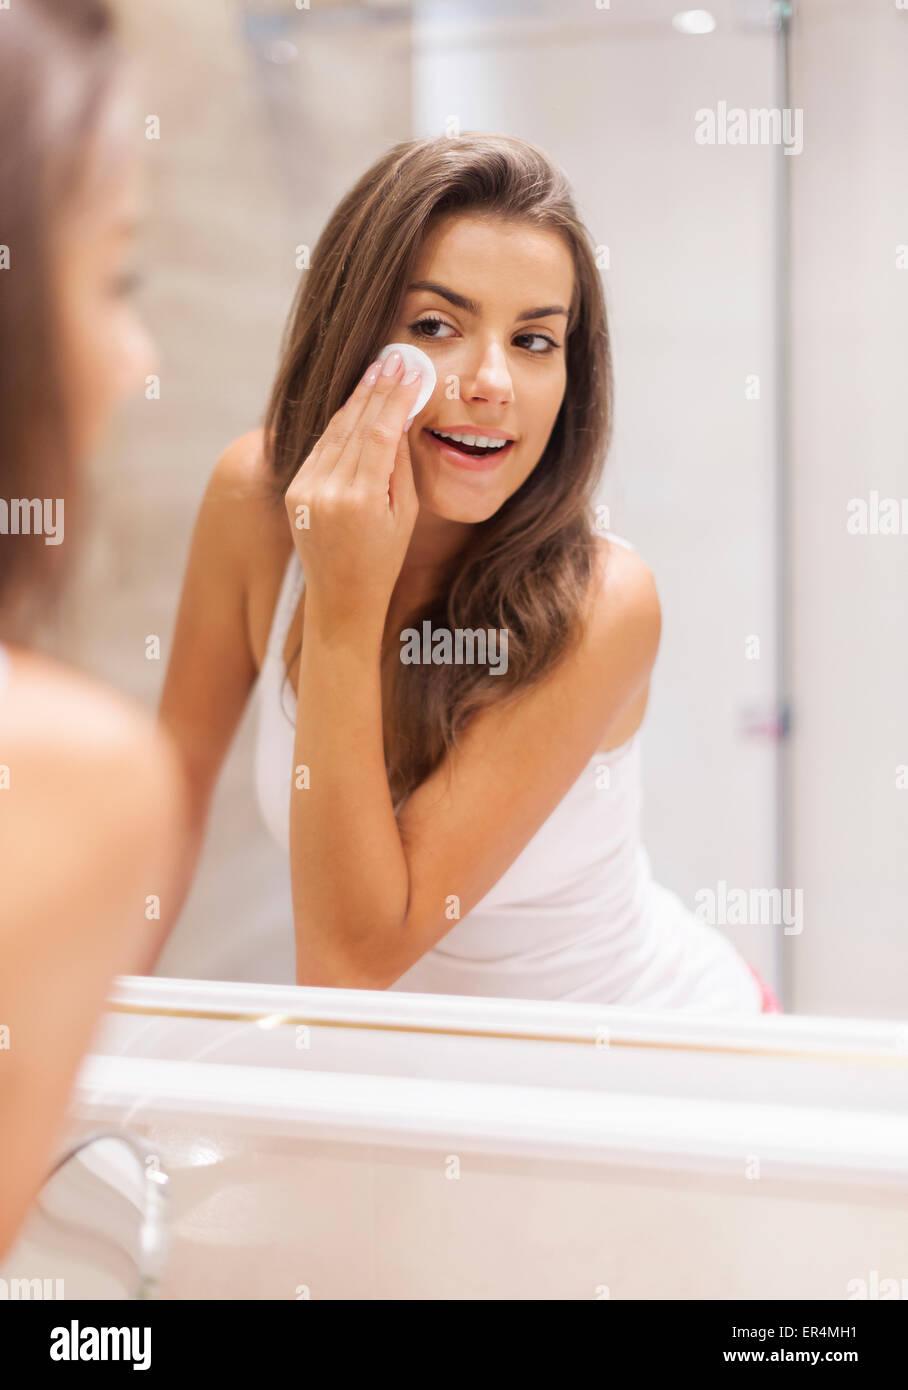 Femme dépose un miroir de son visage. Debica, Pologne Photo Stock